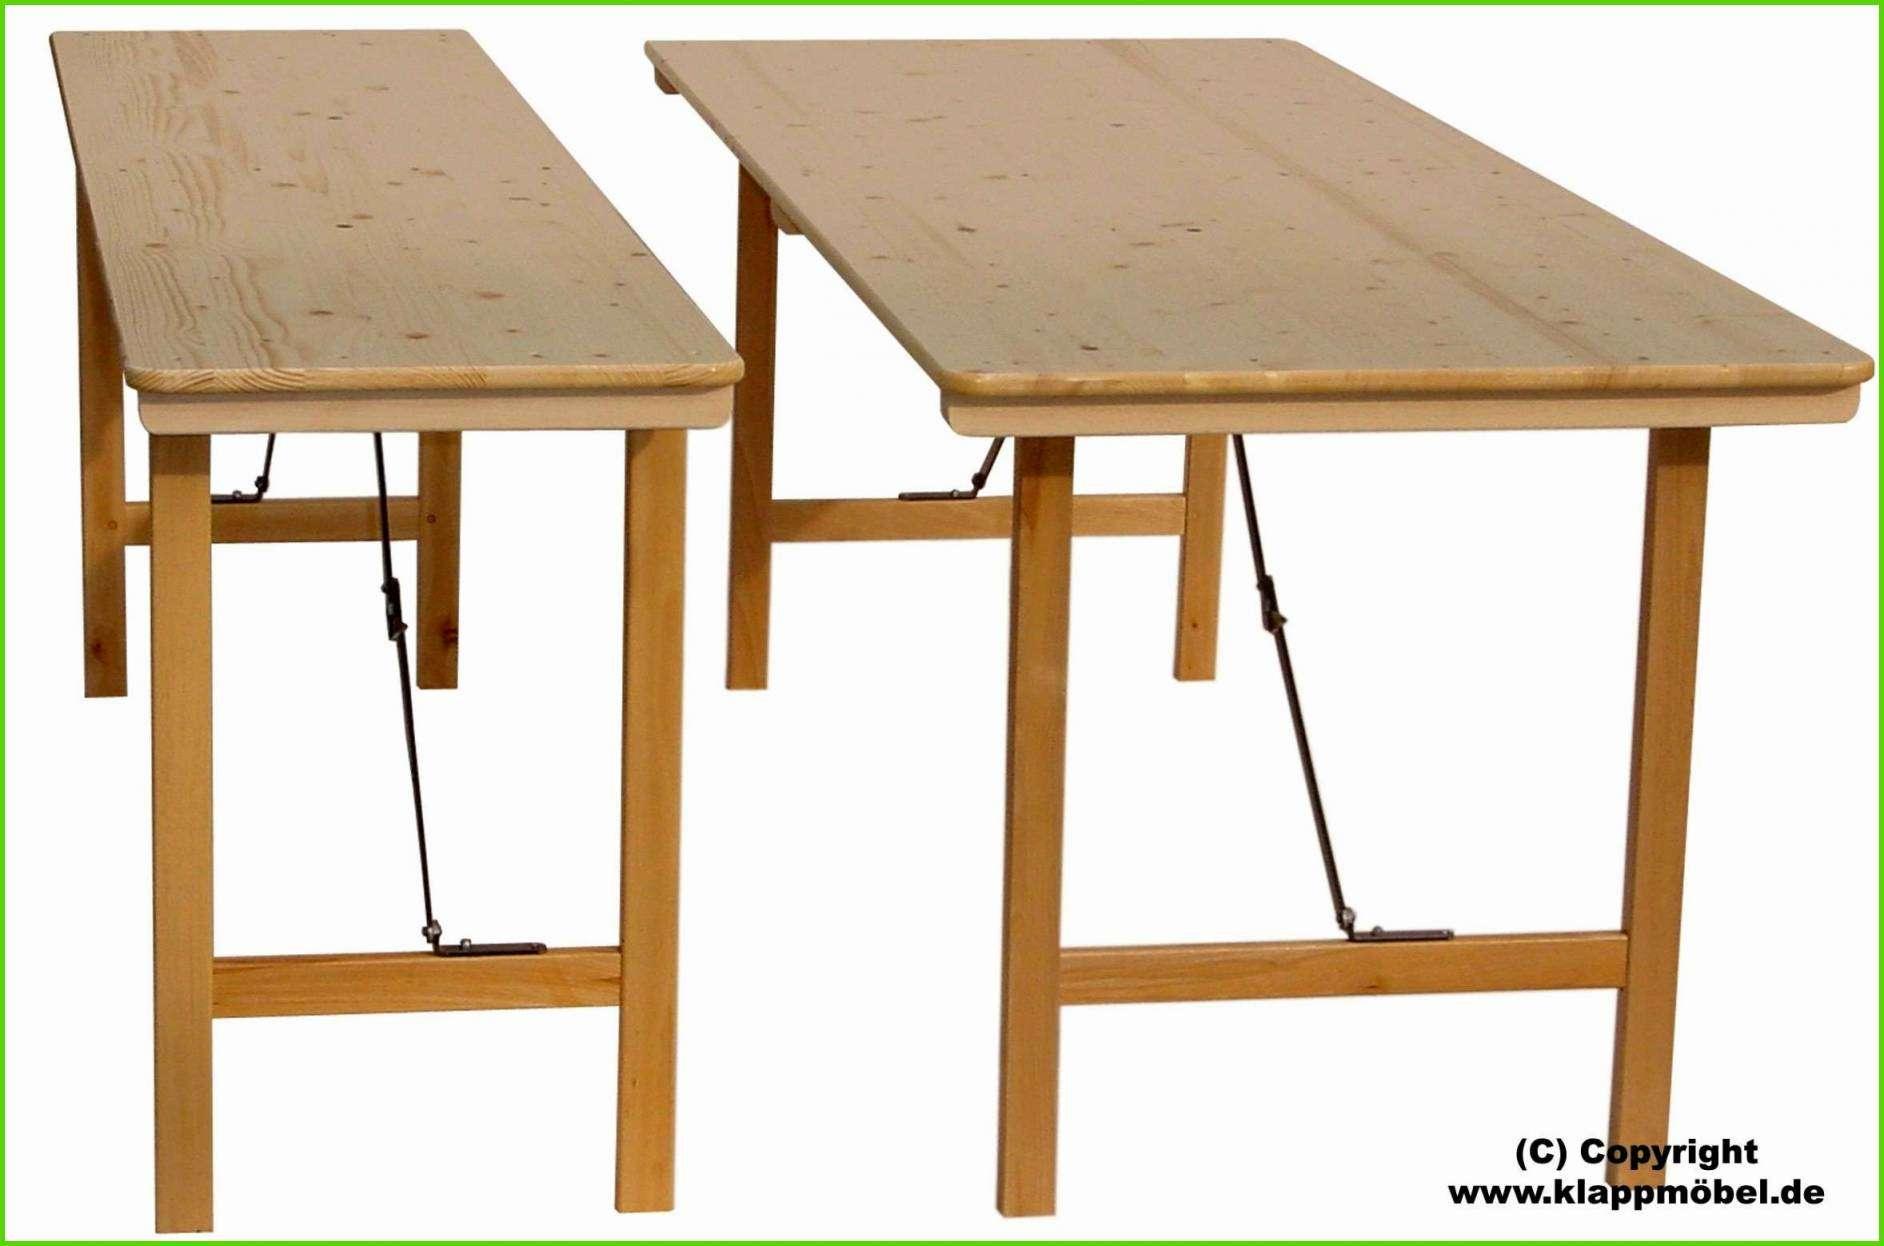 Full Size of Gartentisch Klappbar Holz Holzoptik Ikea Obi Metall Rund Ausziehbar Eckig Garten Beistelltisch Akazie Tisch Klapptisch Selber Holzhaus Kind Holzhäuser Wohnzimmer Gartentisch Klappbar Holz